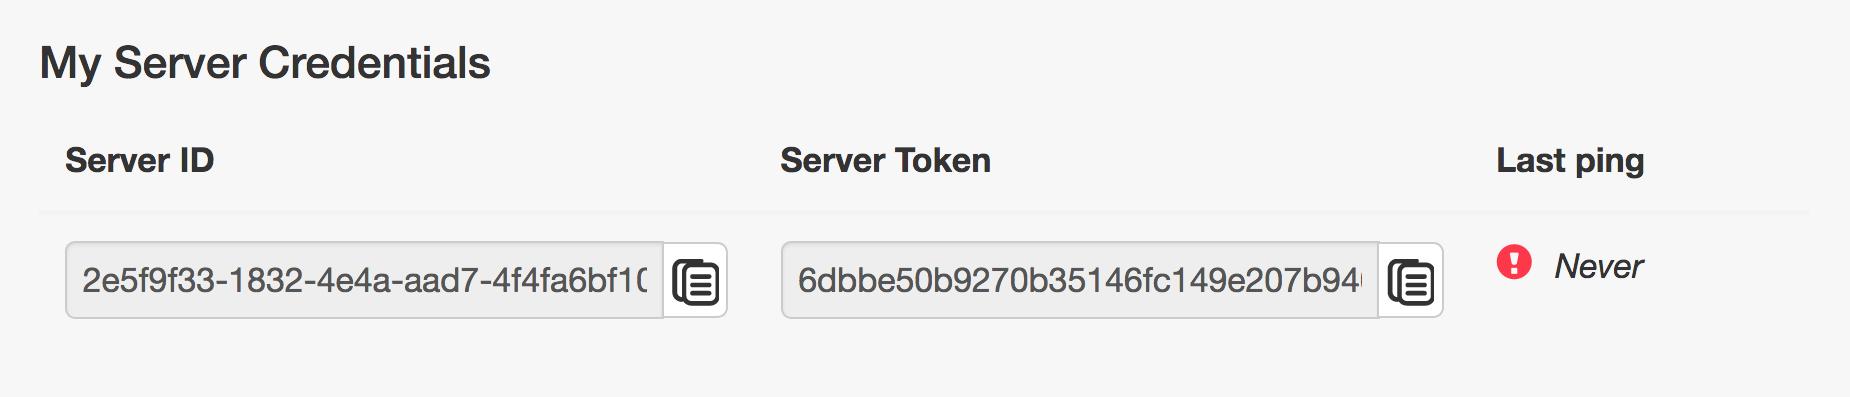 Kopiere die «Server Credentials» unter dem Menüpunkt «My Account»